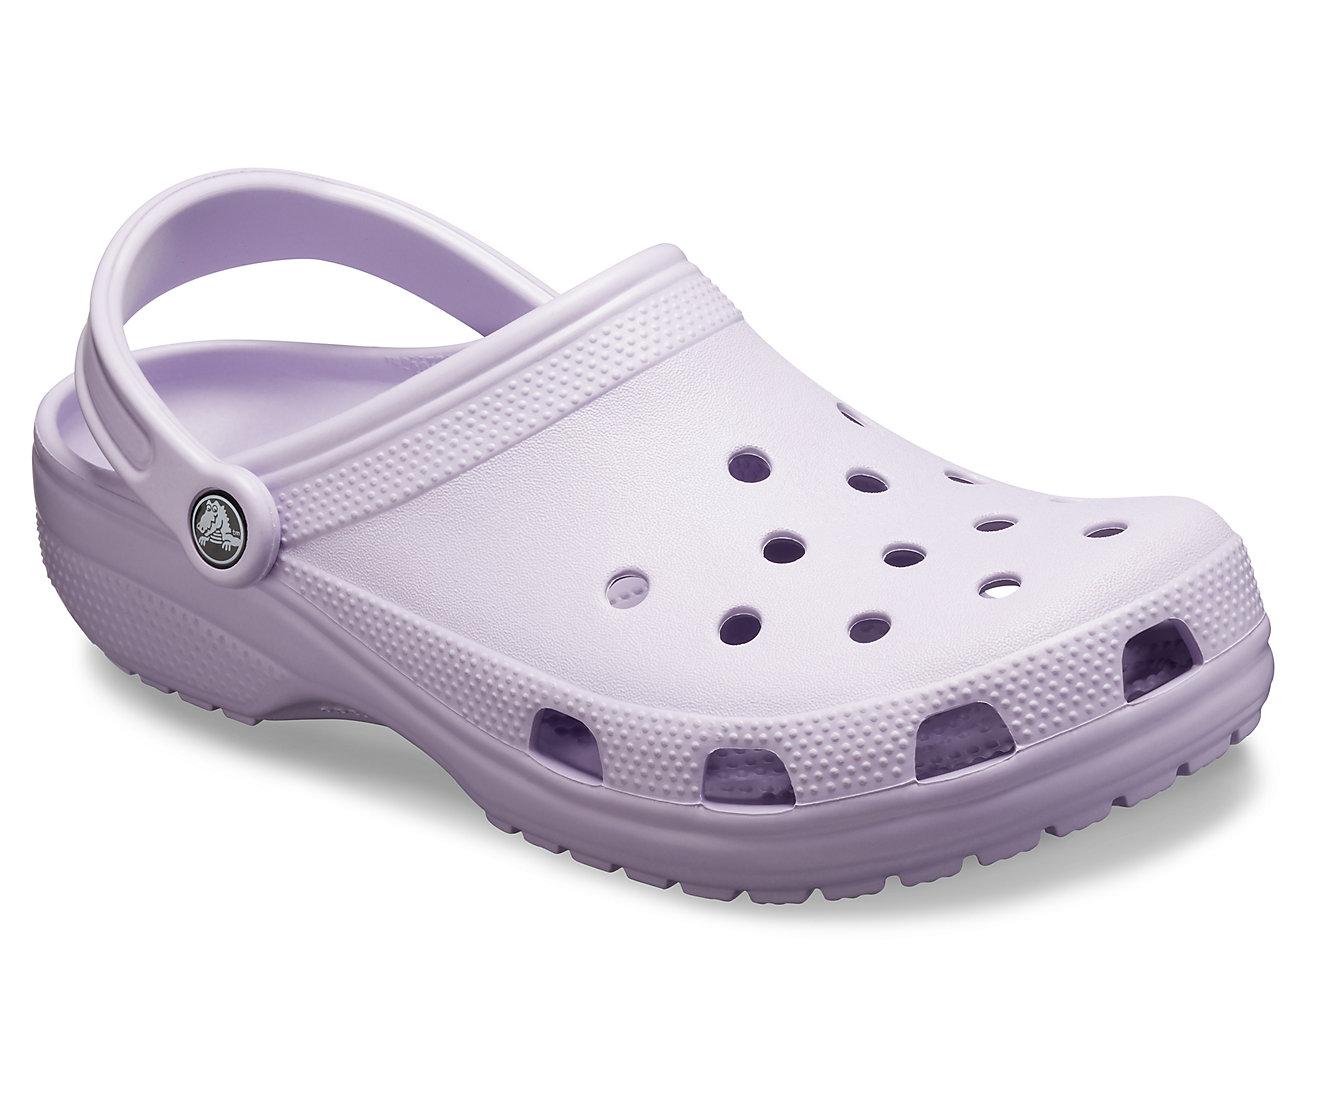 Crocs Classic Clog 10001-530 Lavender Lilac